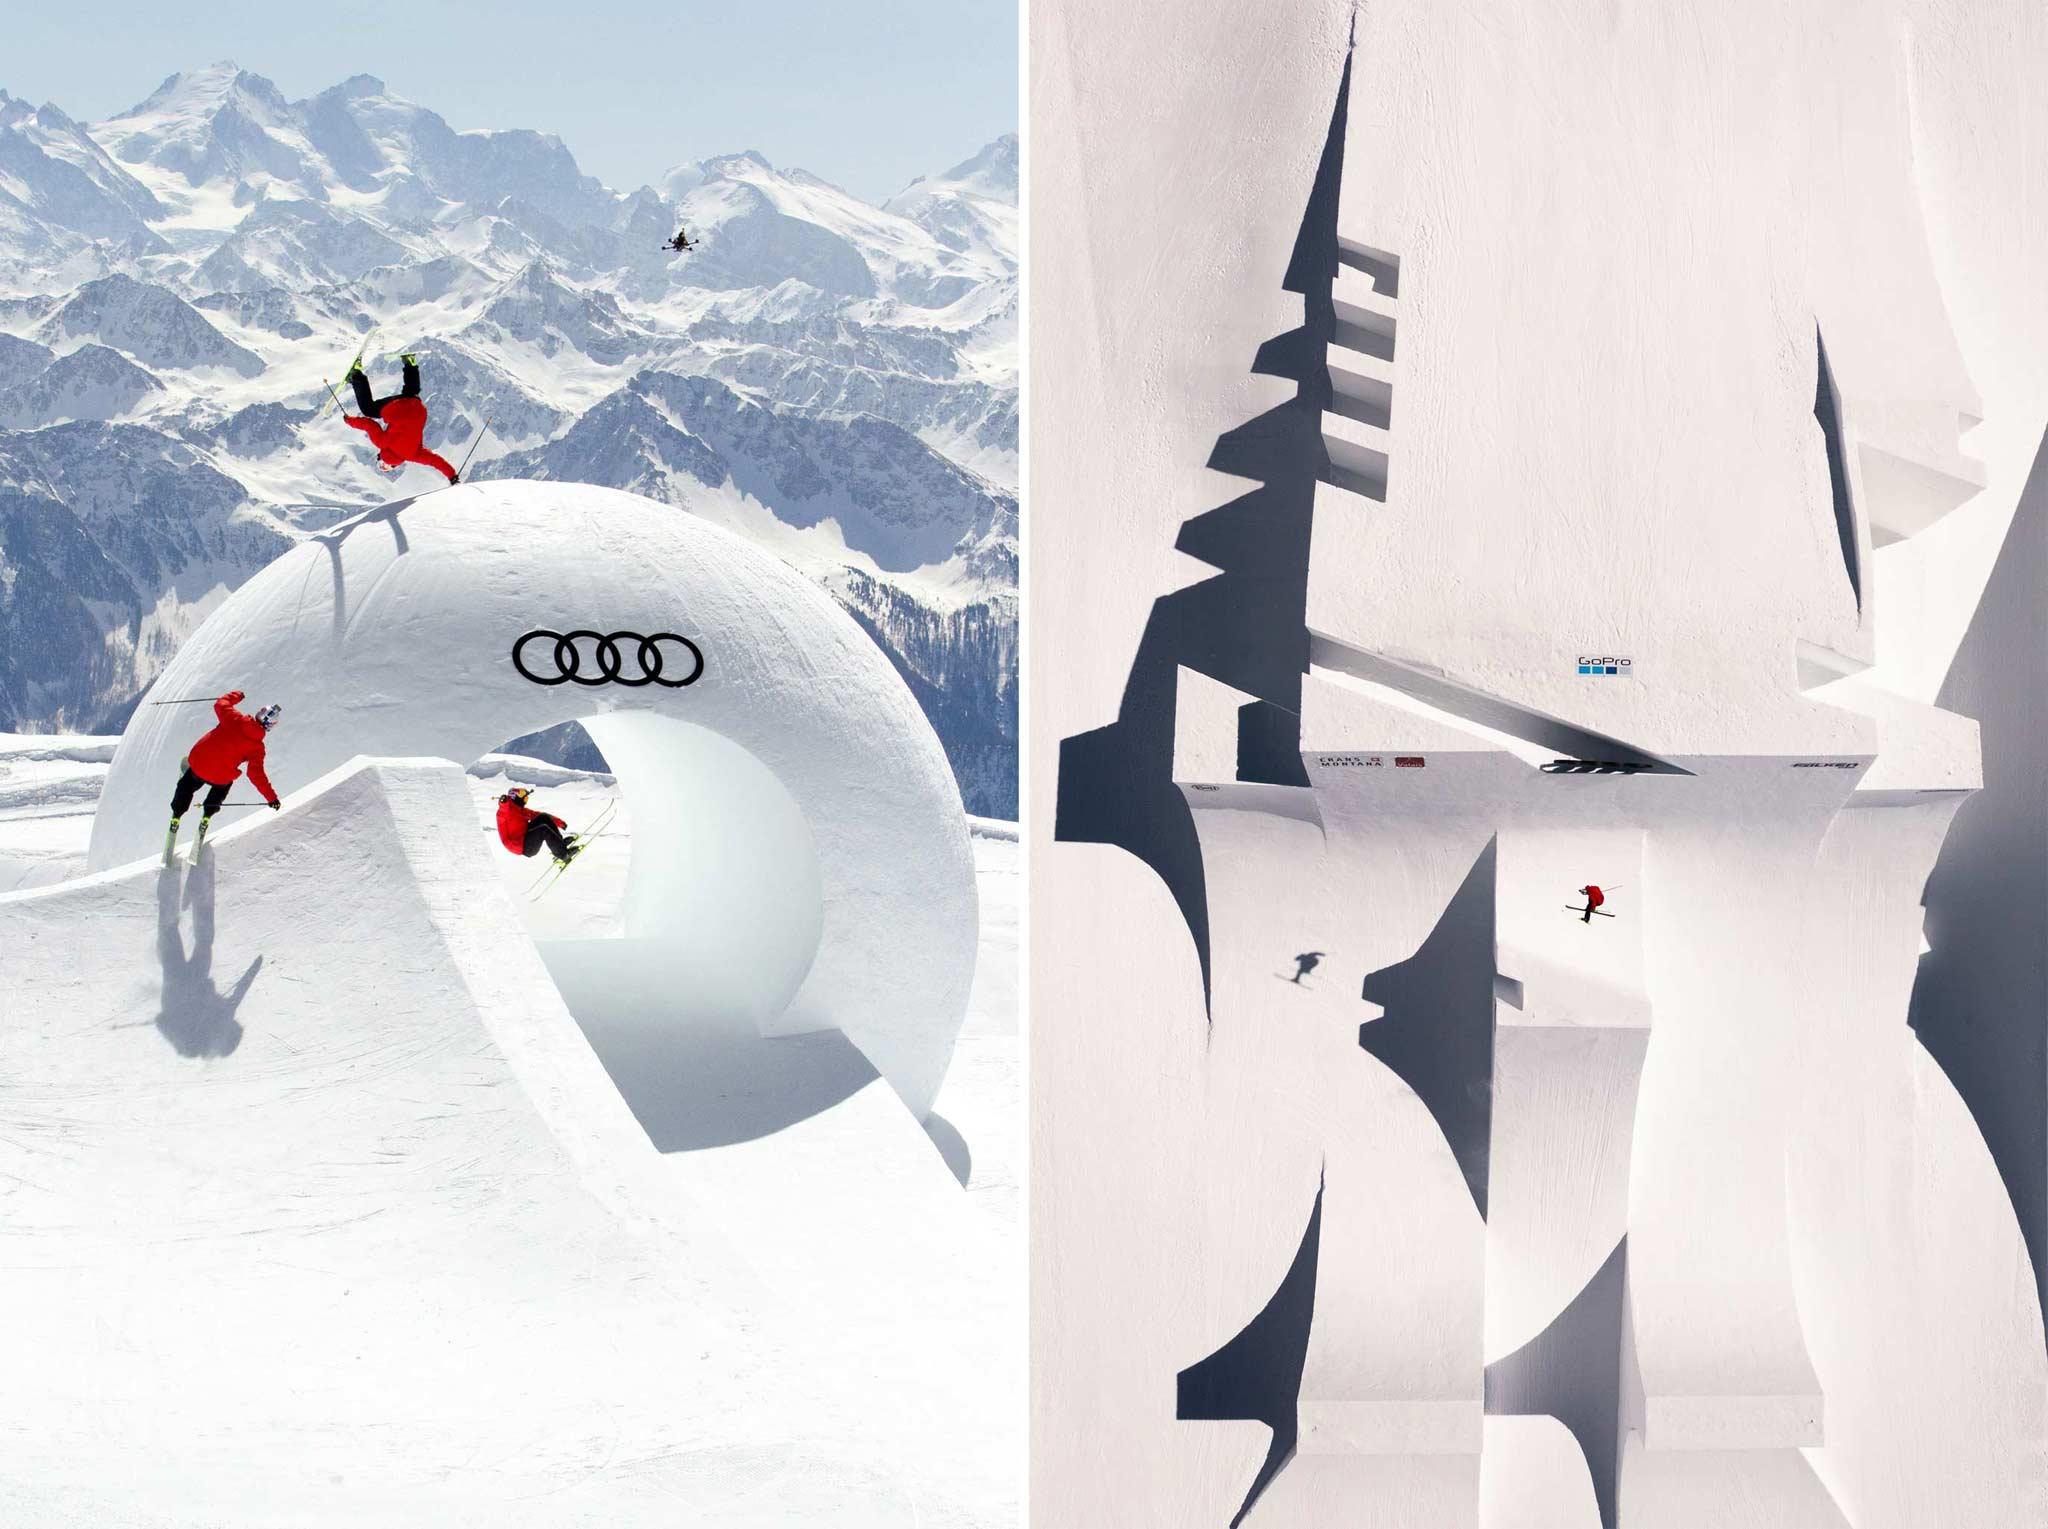 Nicht ganz unerwartet wählten die Rider den Schweden Jesper Tjäder zum kreativsten Fahrer der Audi Nines 2021 - Fotos: Ethan Stone (links), Flo Breitenberger (rechts)